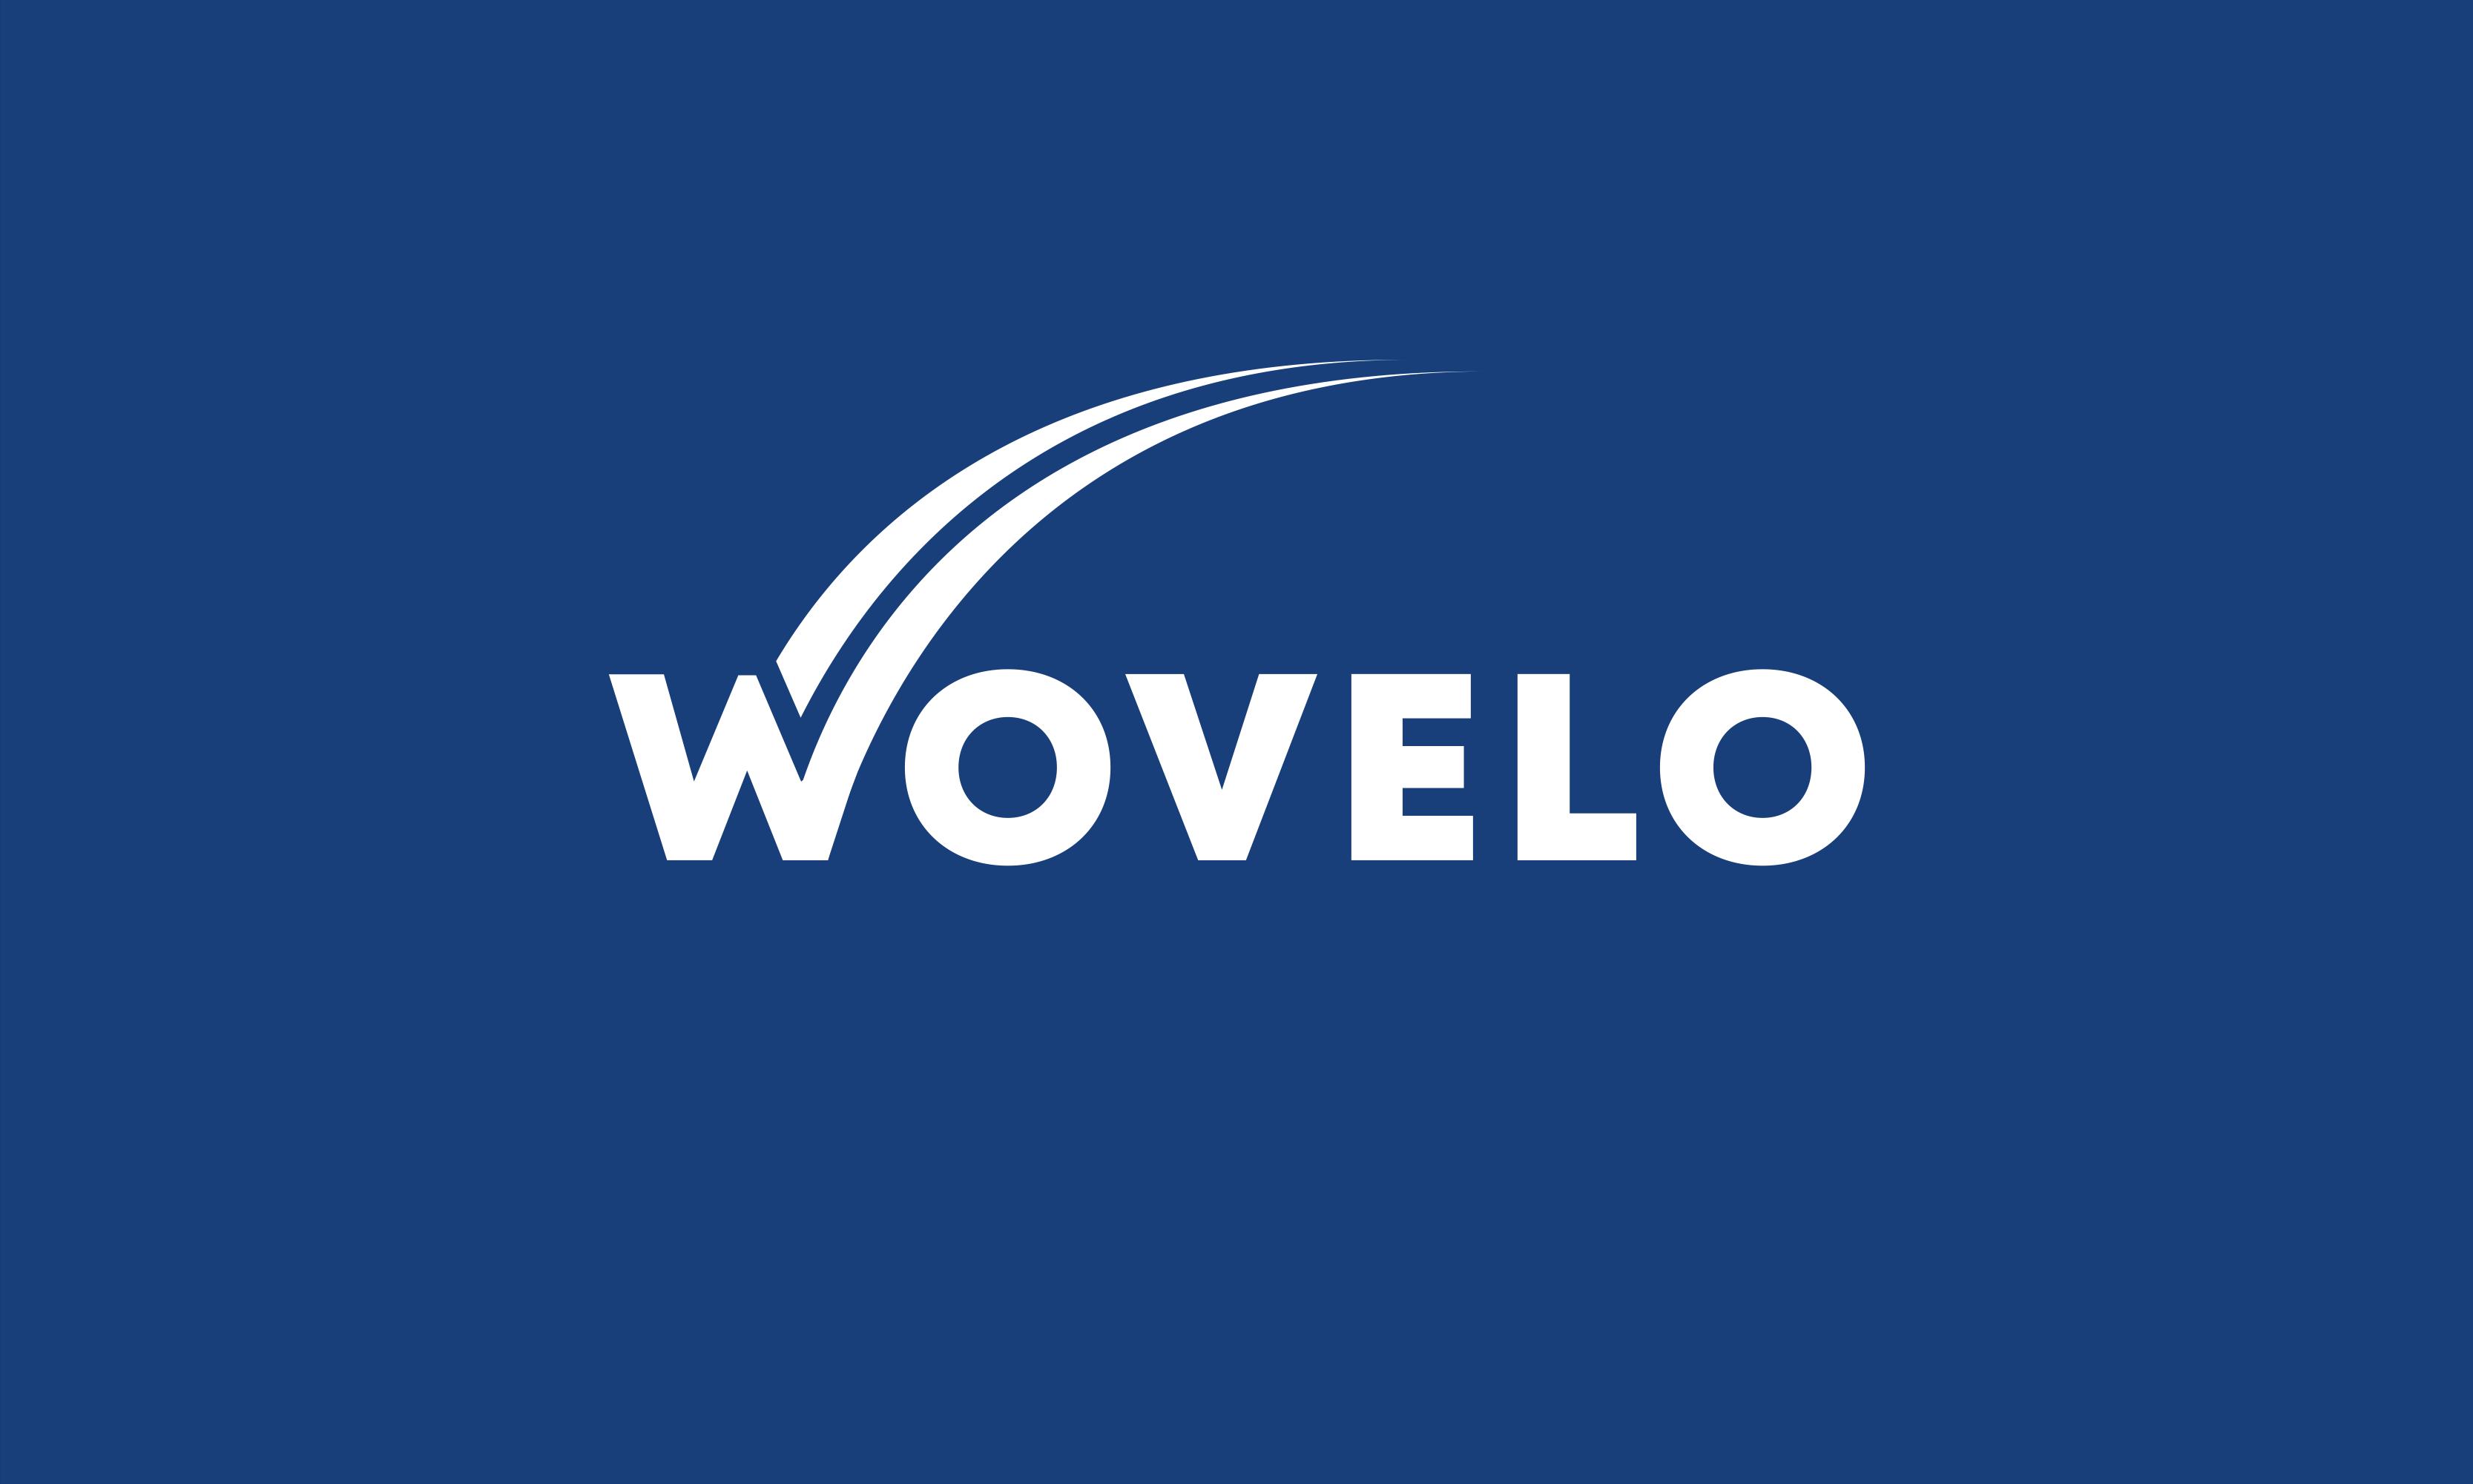 Wovelo